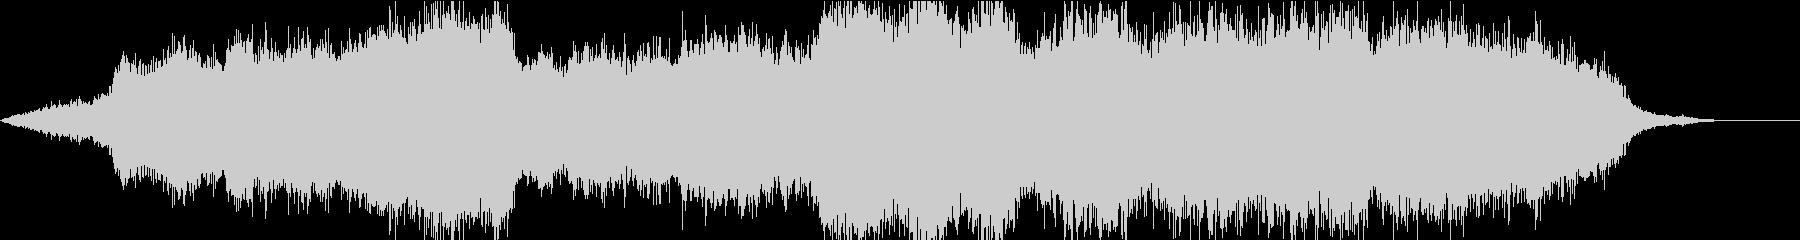 美しく魅惑的な重音の異次元/海底BGMの未再生の波形